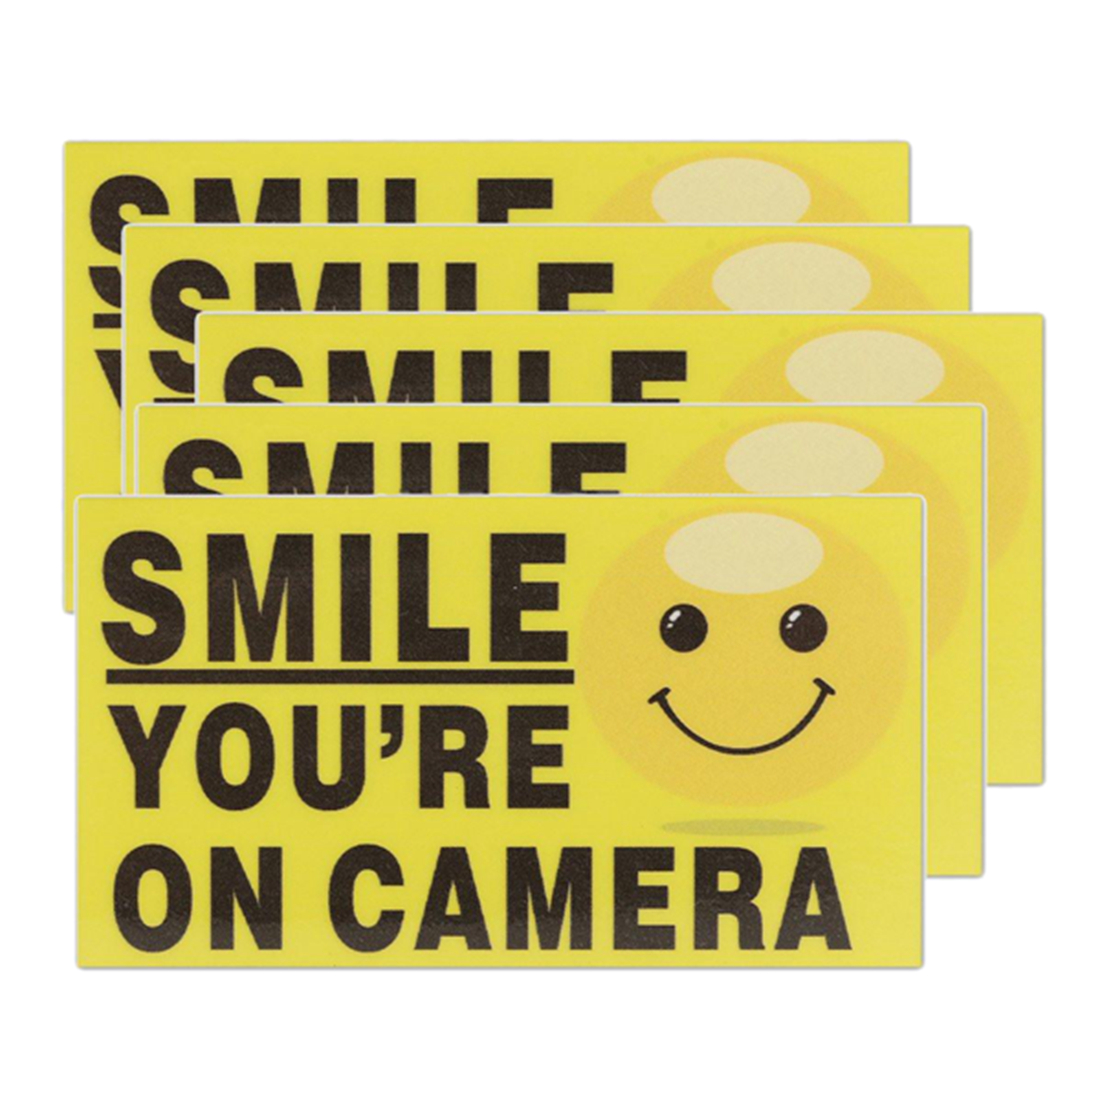 5x Улыбка Вы на Камера Самоклеящиеся видео сигнал Детская безопасность Предупреждение Наклейки знак